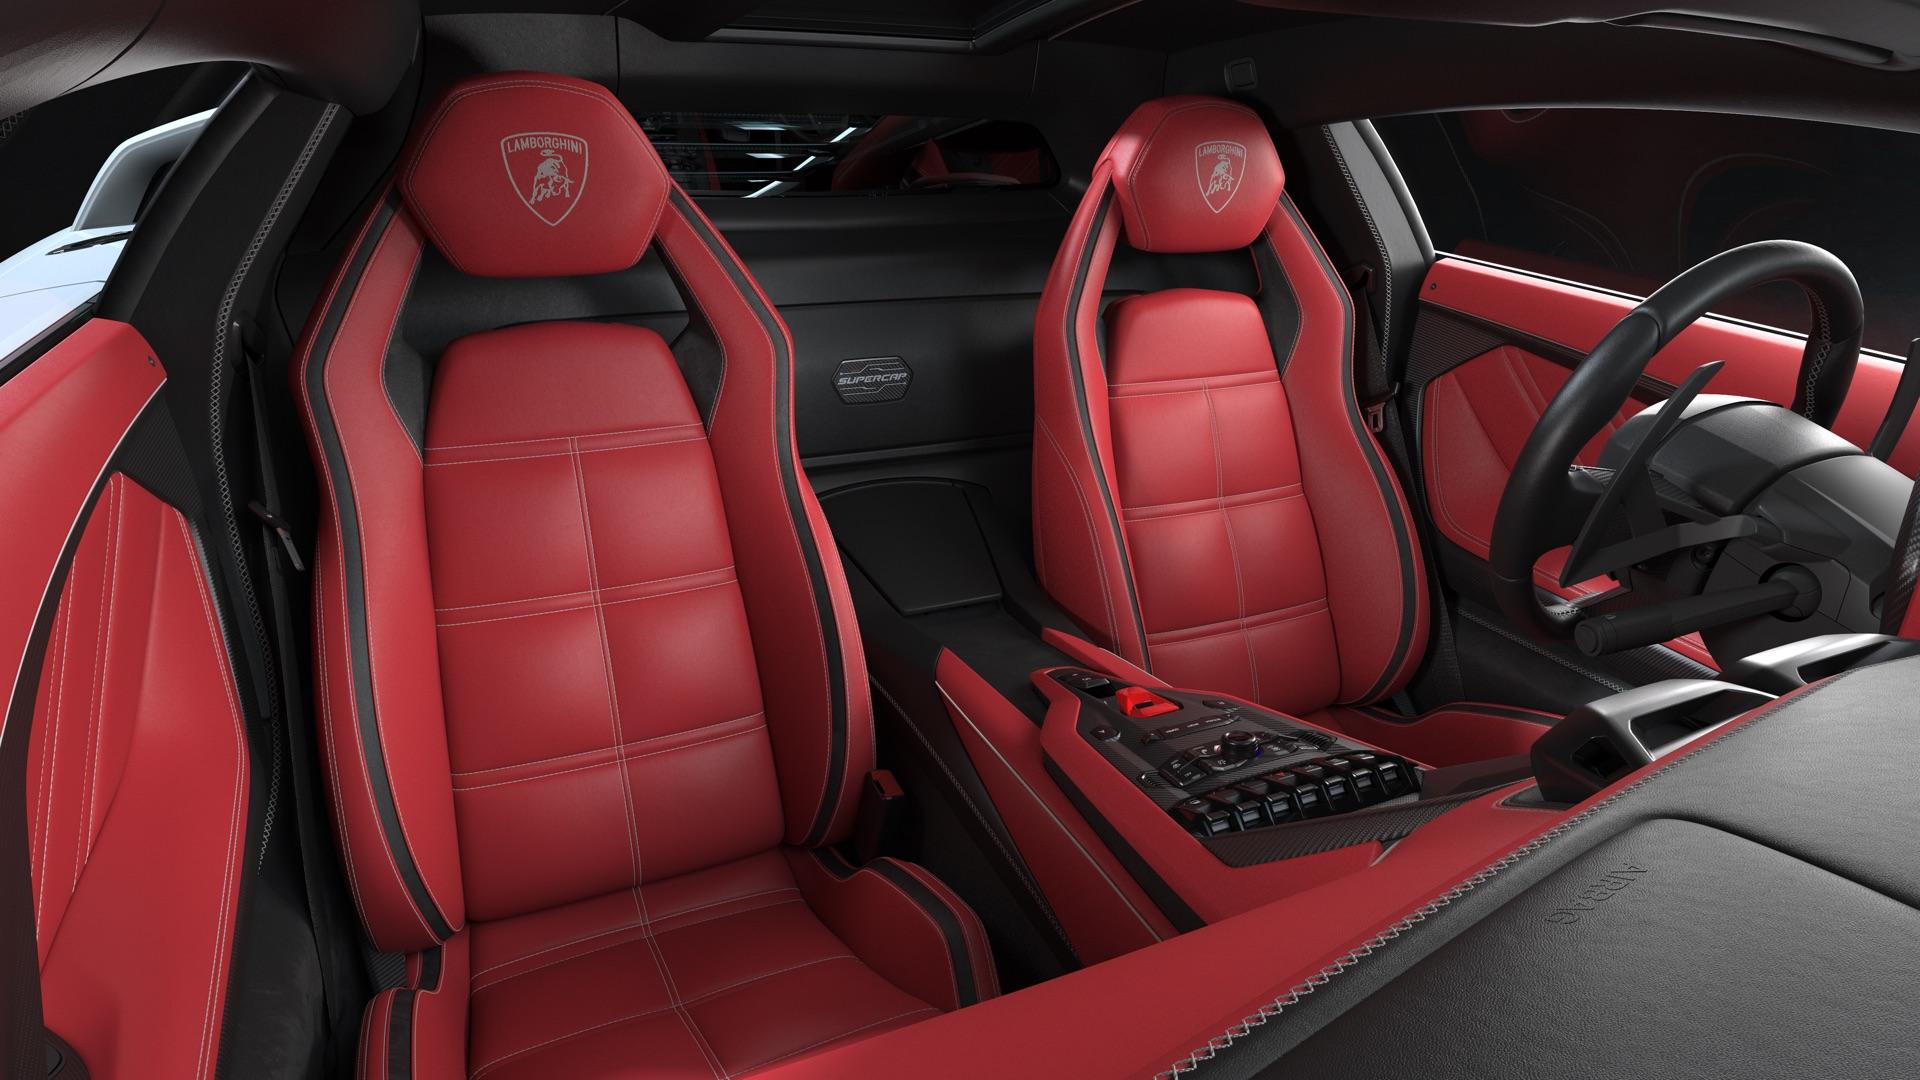 Lamborghini Countach LPI 800